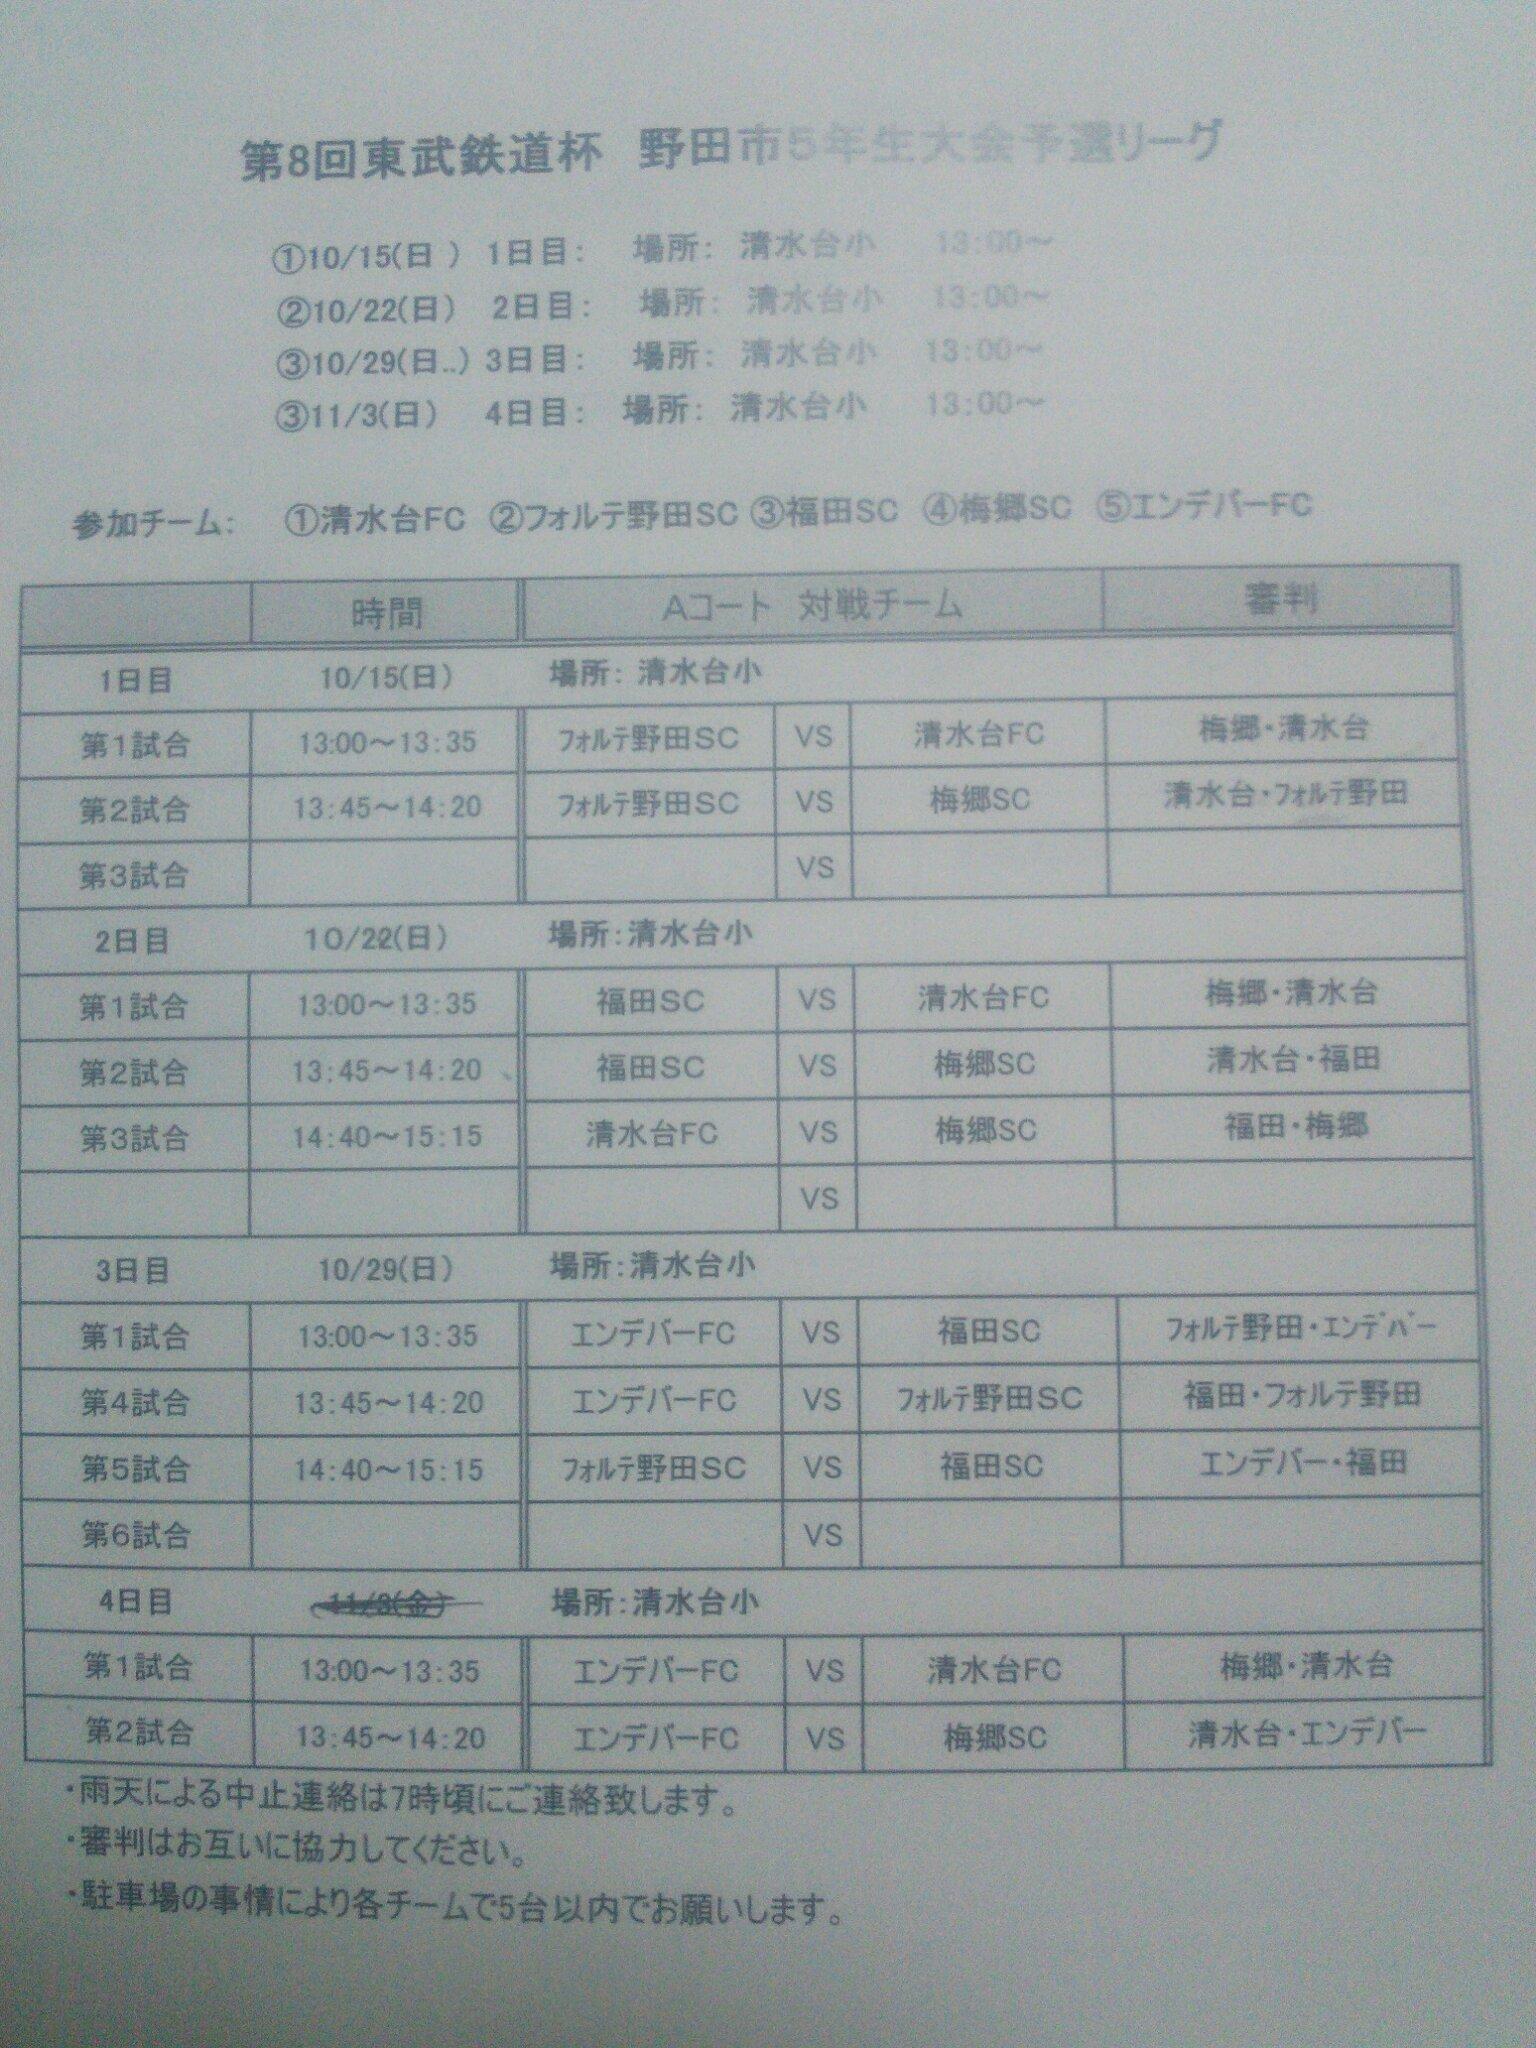 予選リーグ対戦表